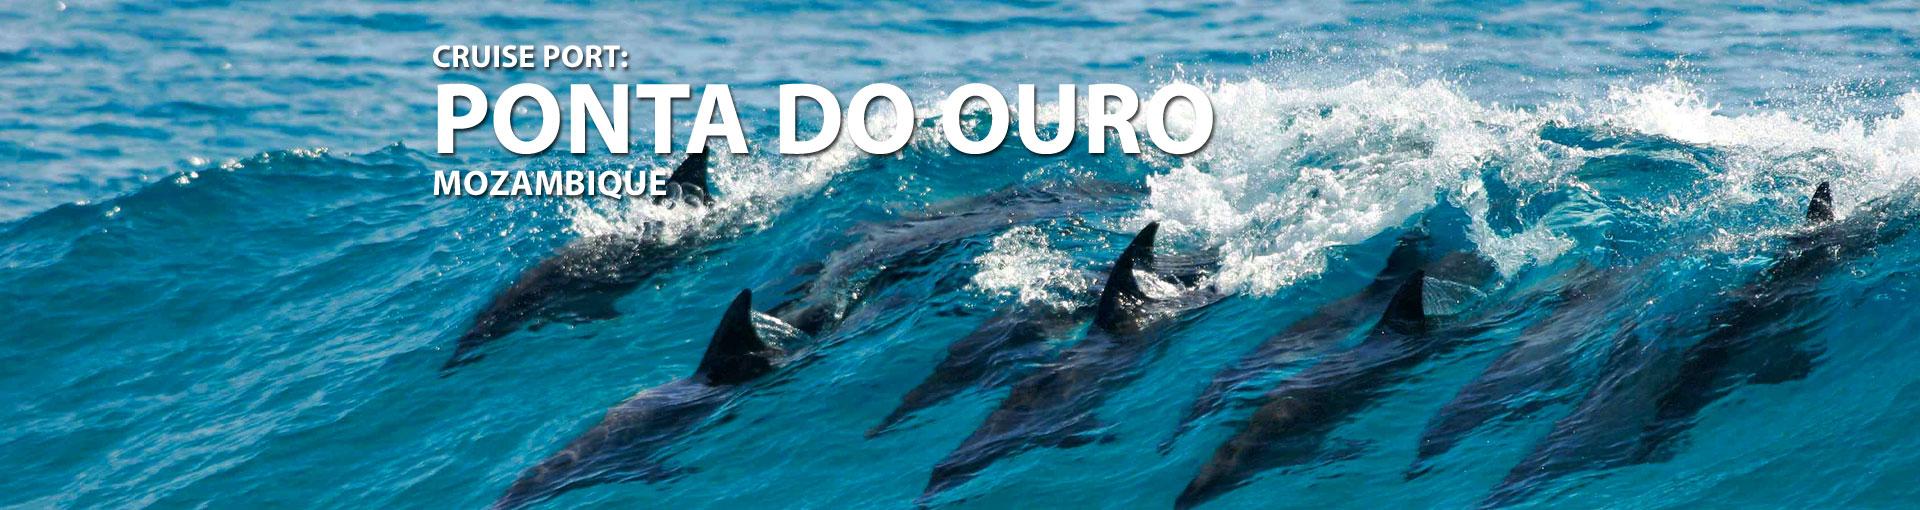 Cruises to Ponta do Ouro, Mozambique